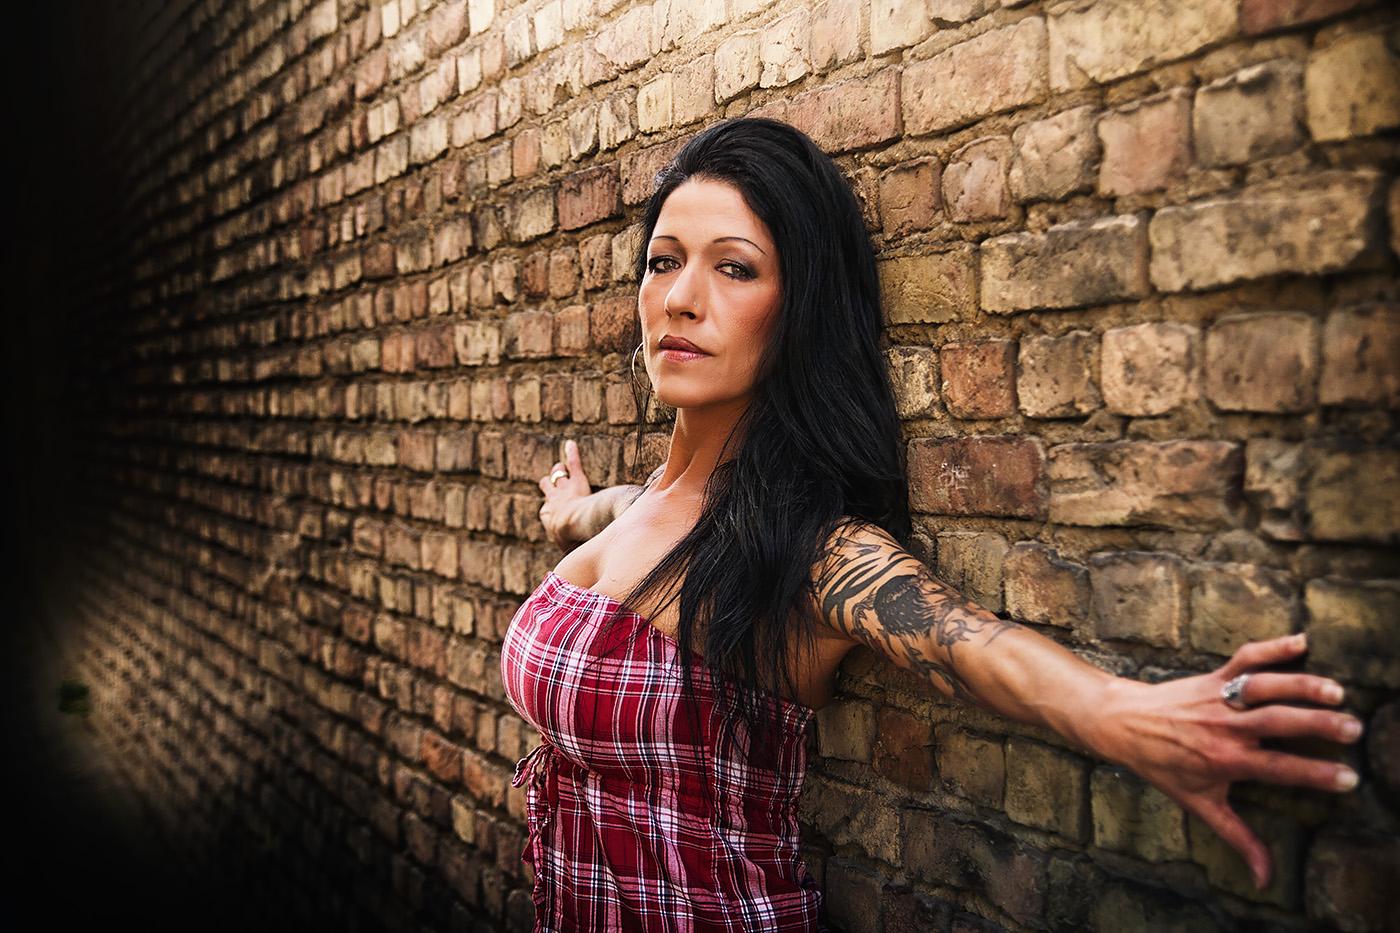 Taetowierte Frau an Backsteinmauer